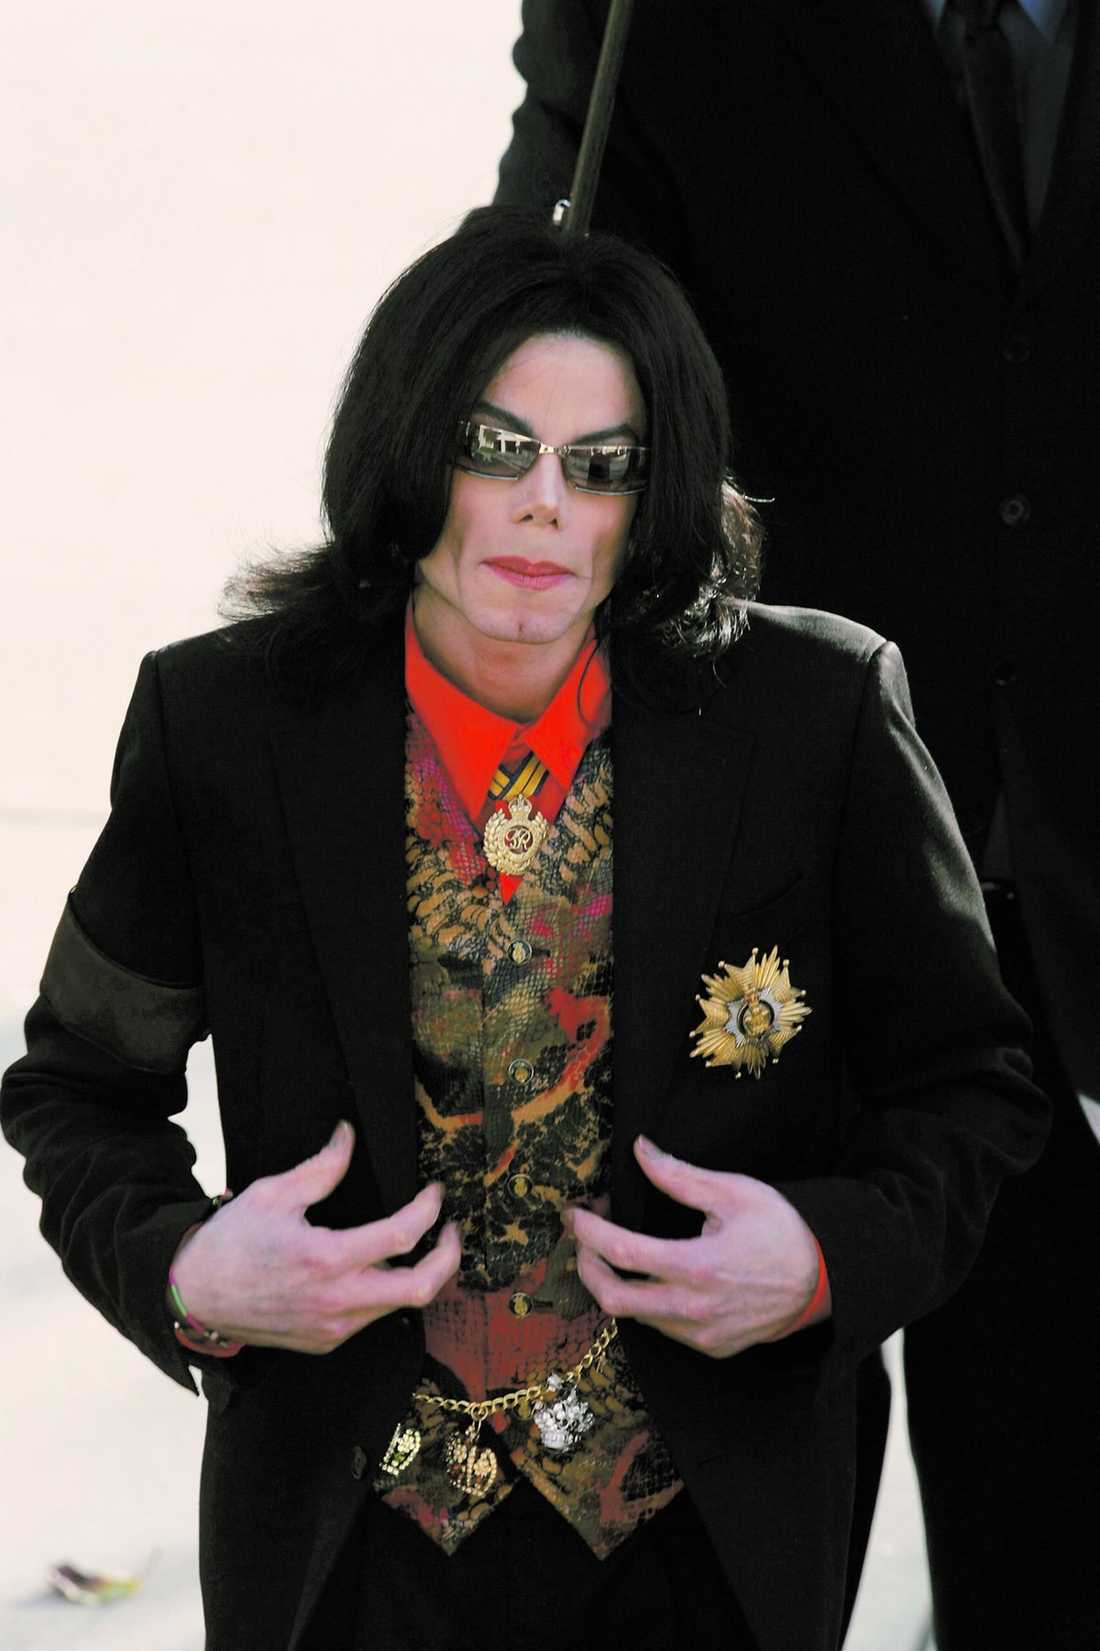 Ensam Butlern berättar att Michael Jackson var mycket ensam. Varje dag fick han en cocktail narkotikaklassad medicin av sin doktor. Alla hans vänner var barn.